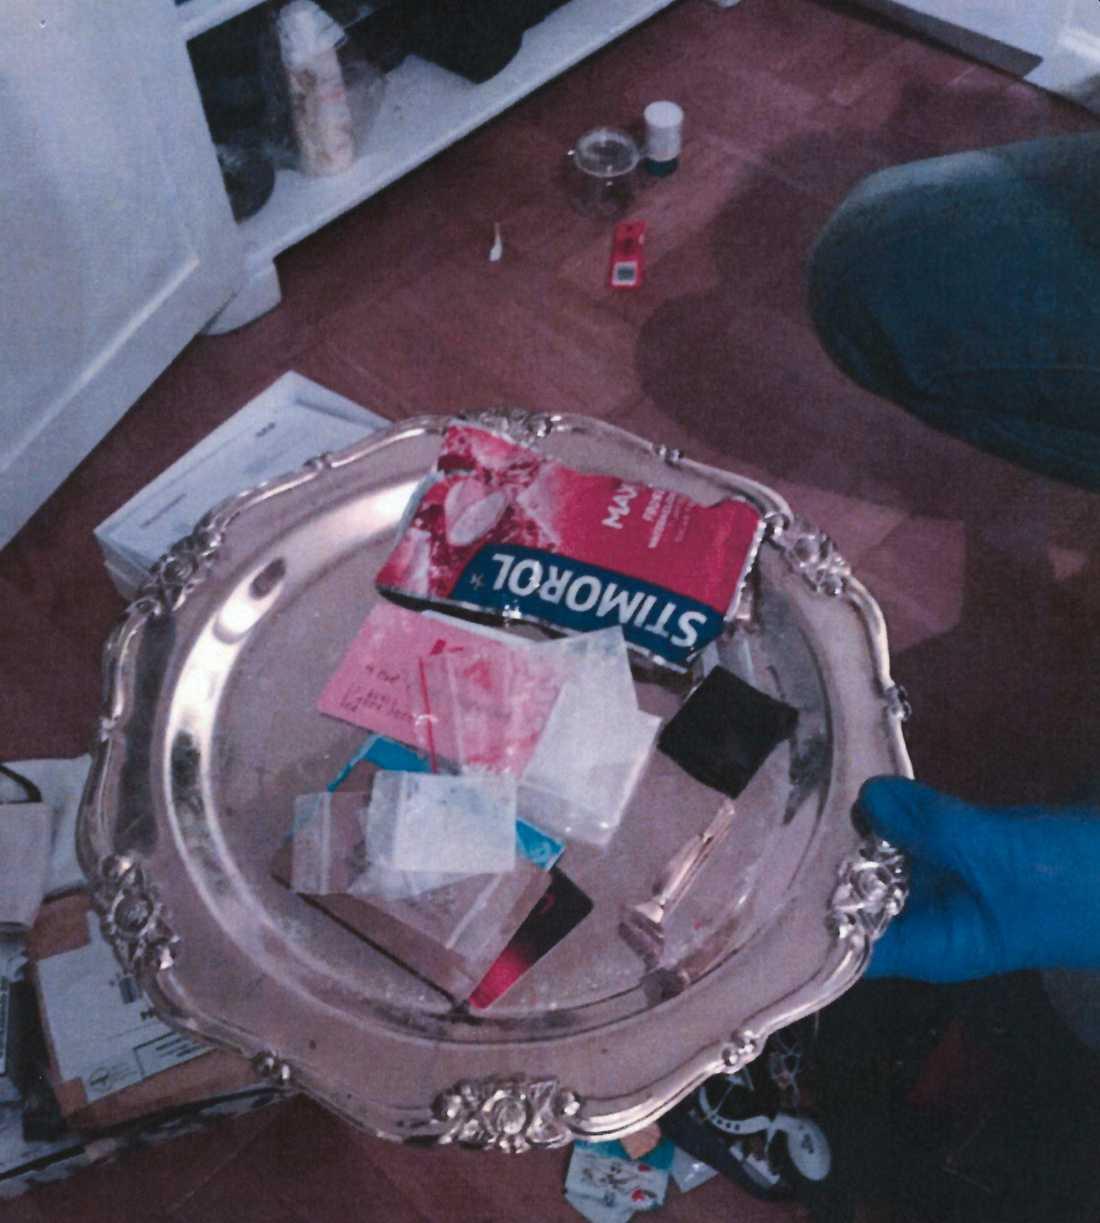 I ett skåp i vardagsrummet hittade polisen en bricka med narkotika och snortrör.